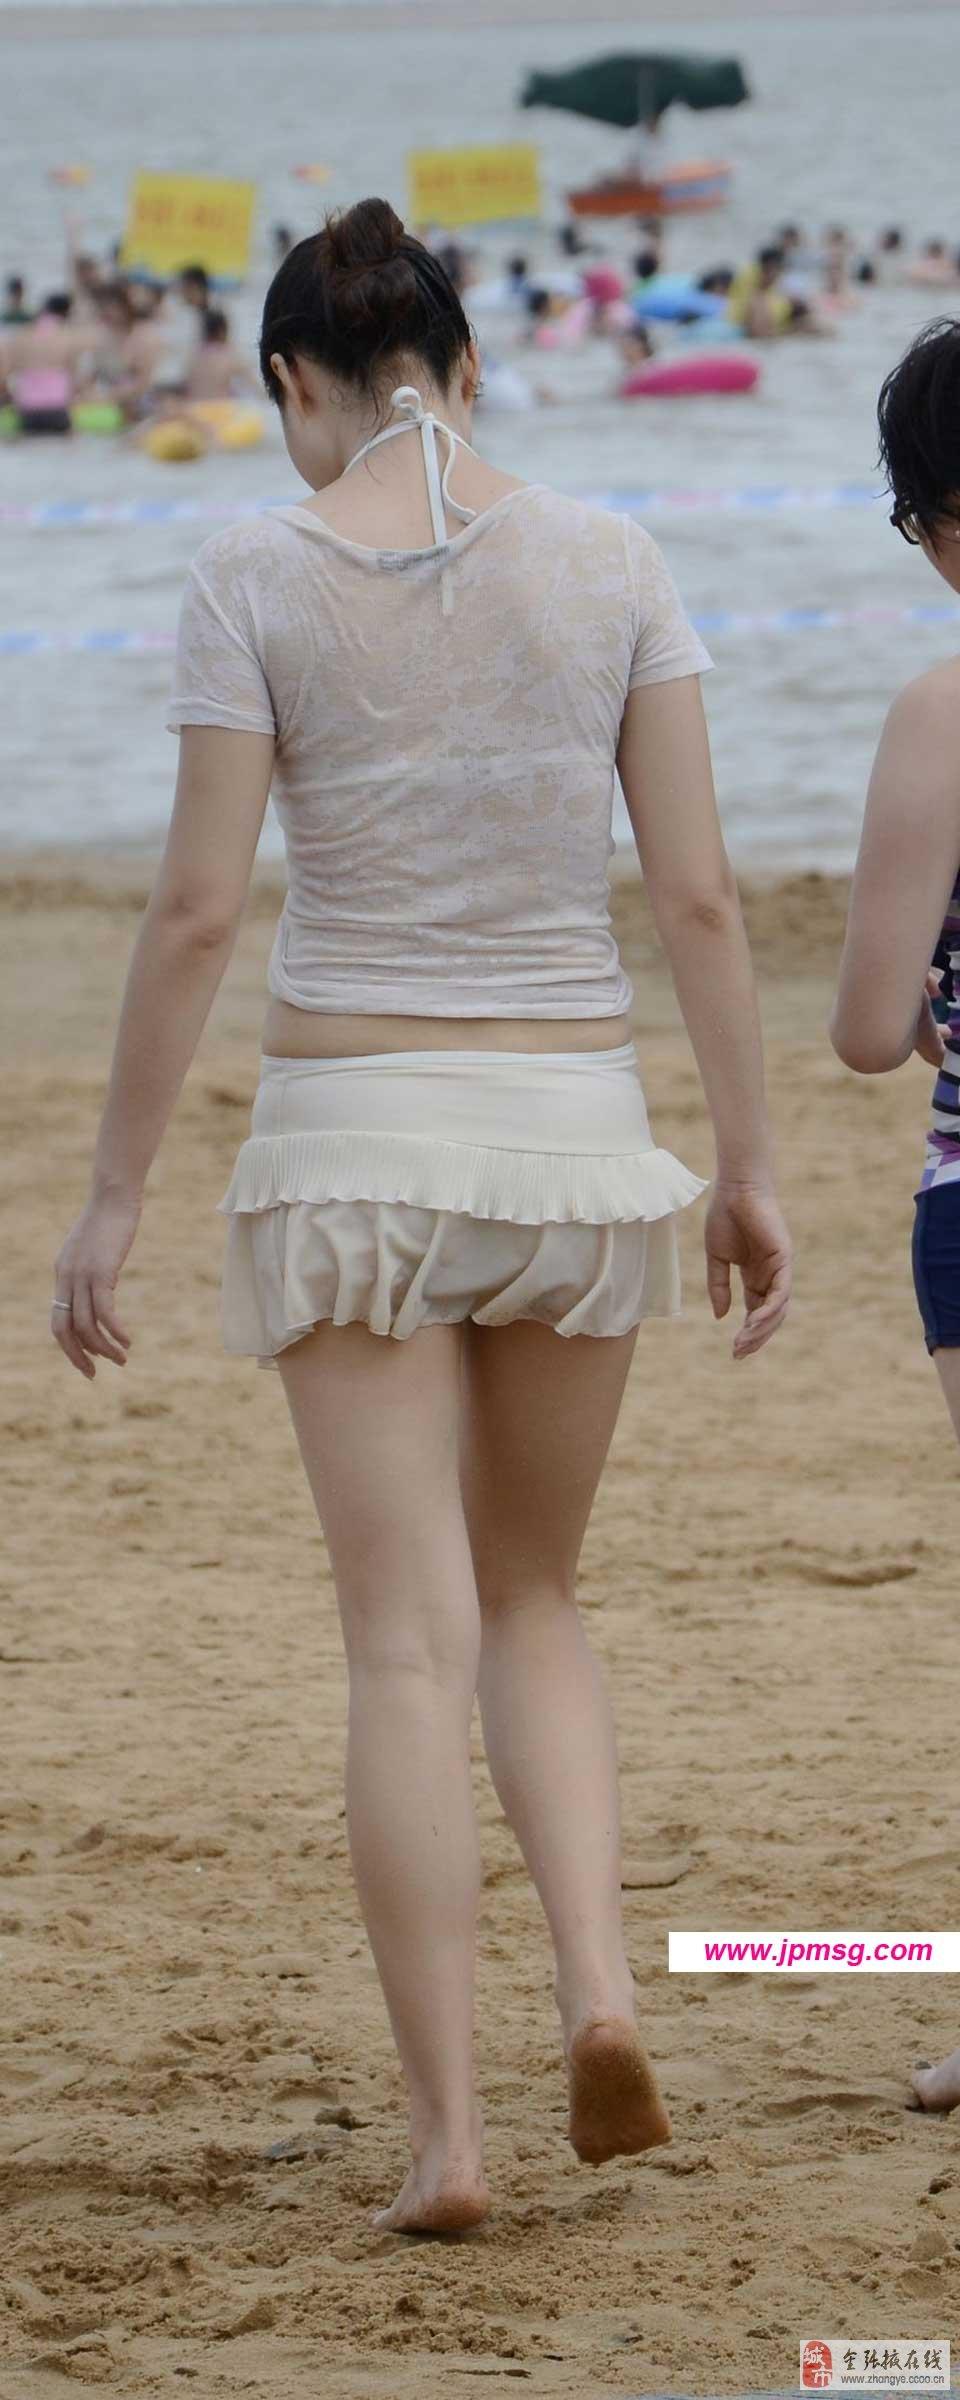 休闲上衣搭配牛仔短裤时尚美女